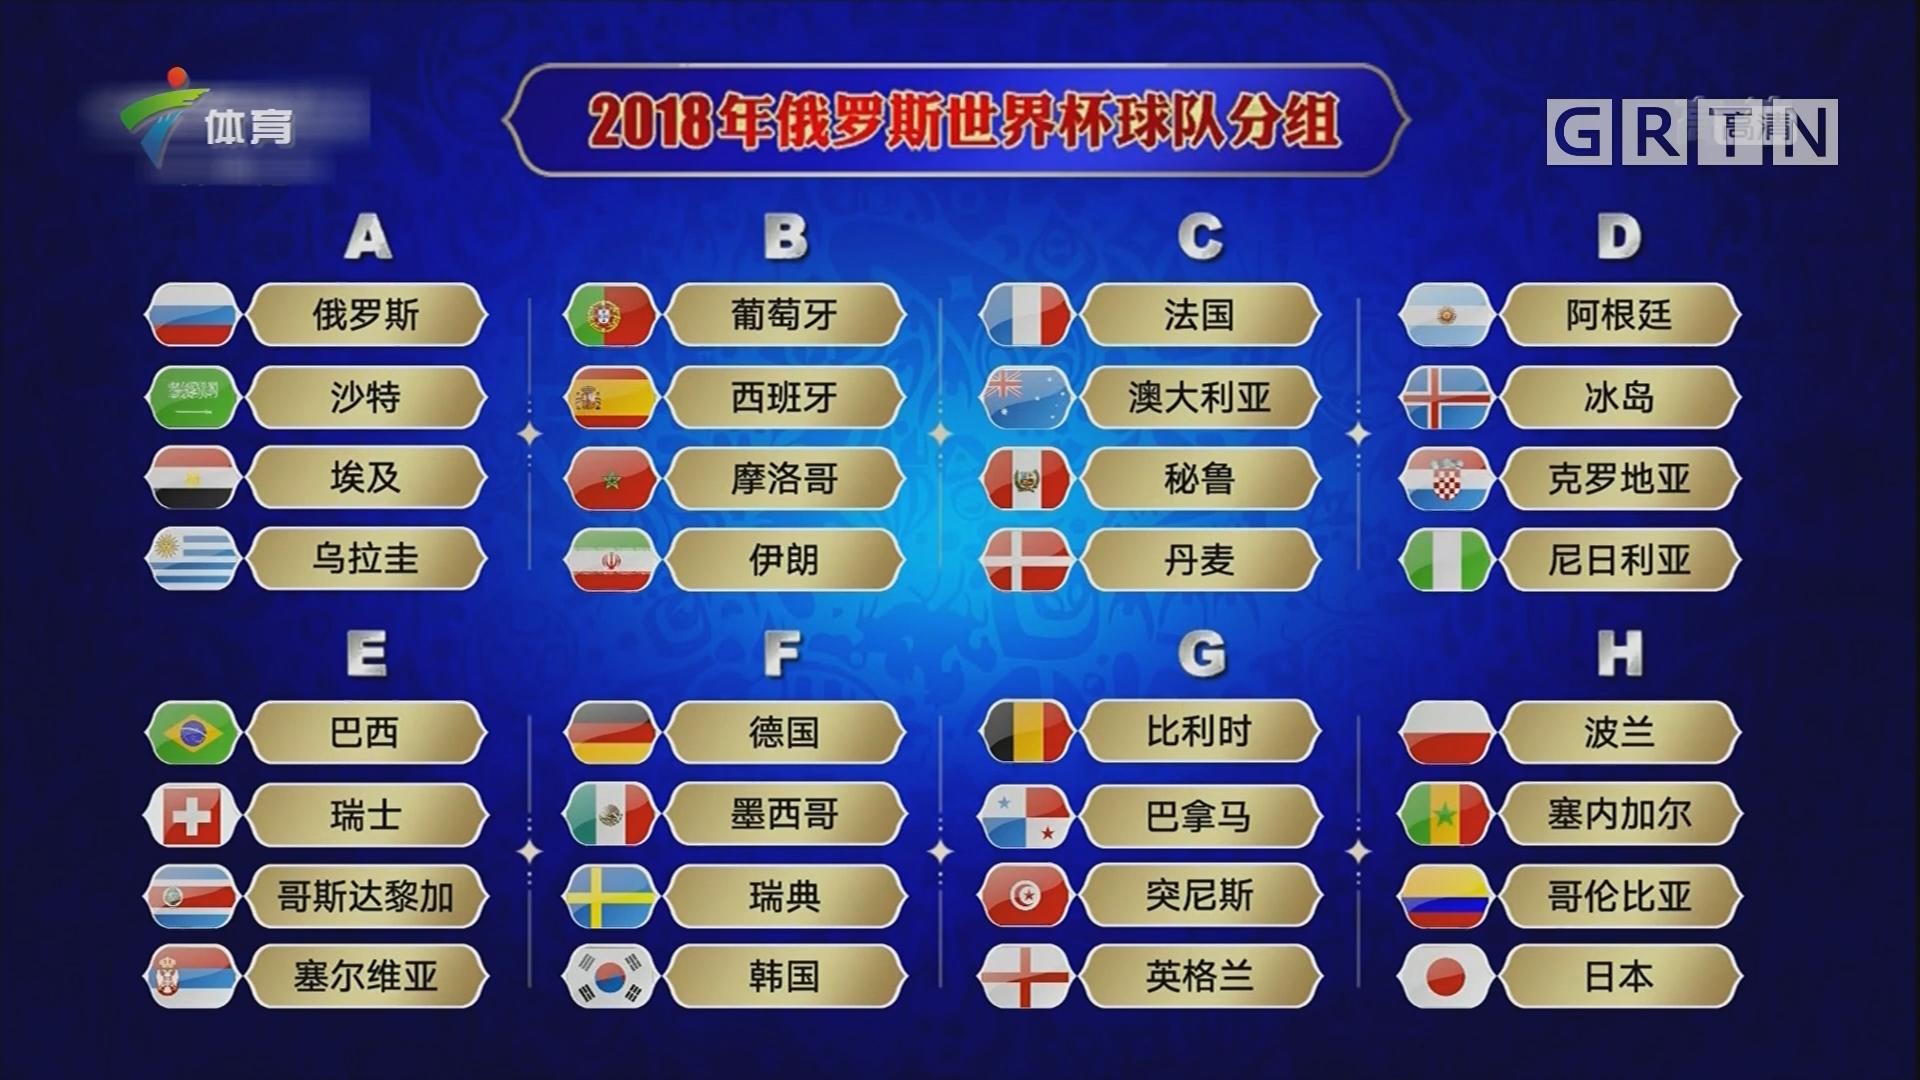 世界杯32强分组抽签尘埃落定